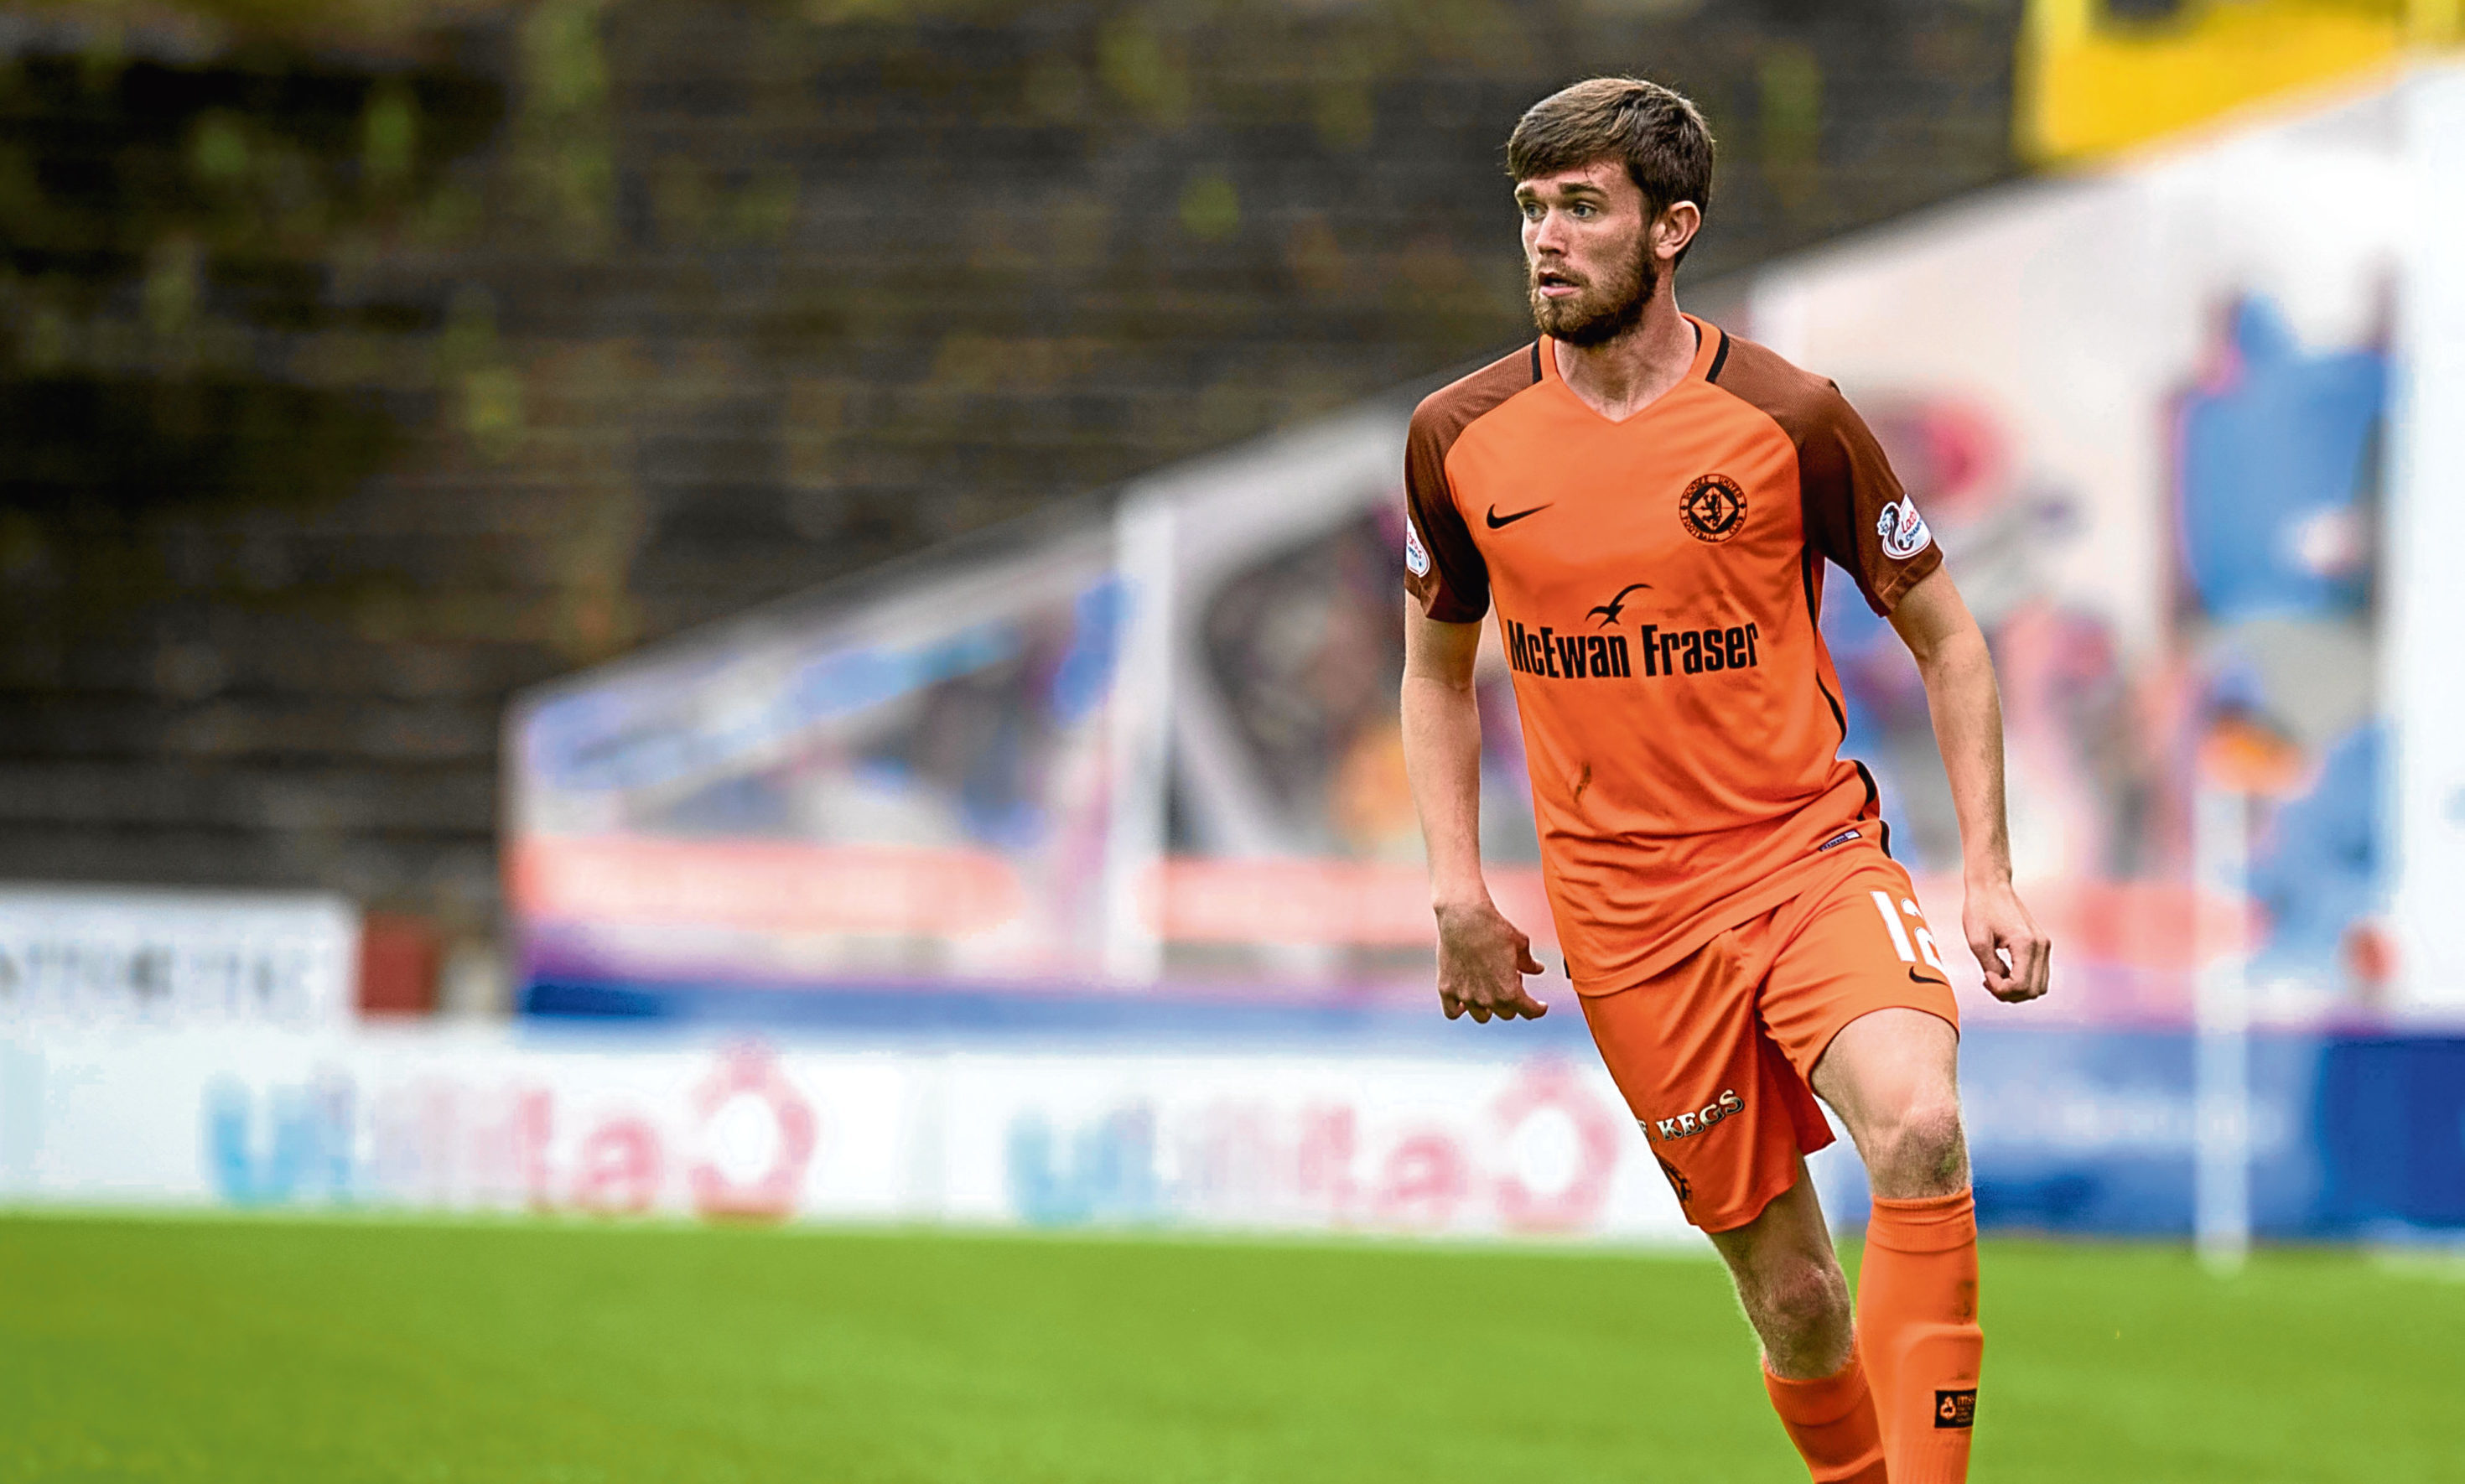 Dundee United midfielder Sam Stanton